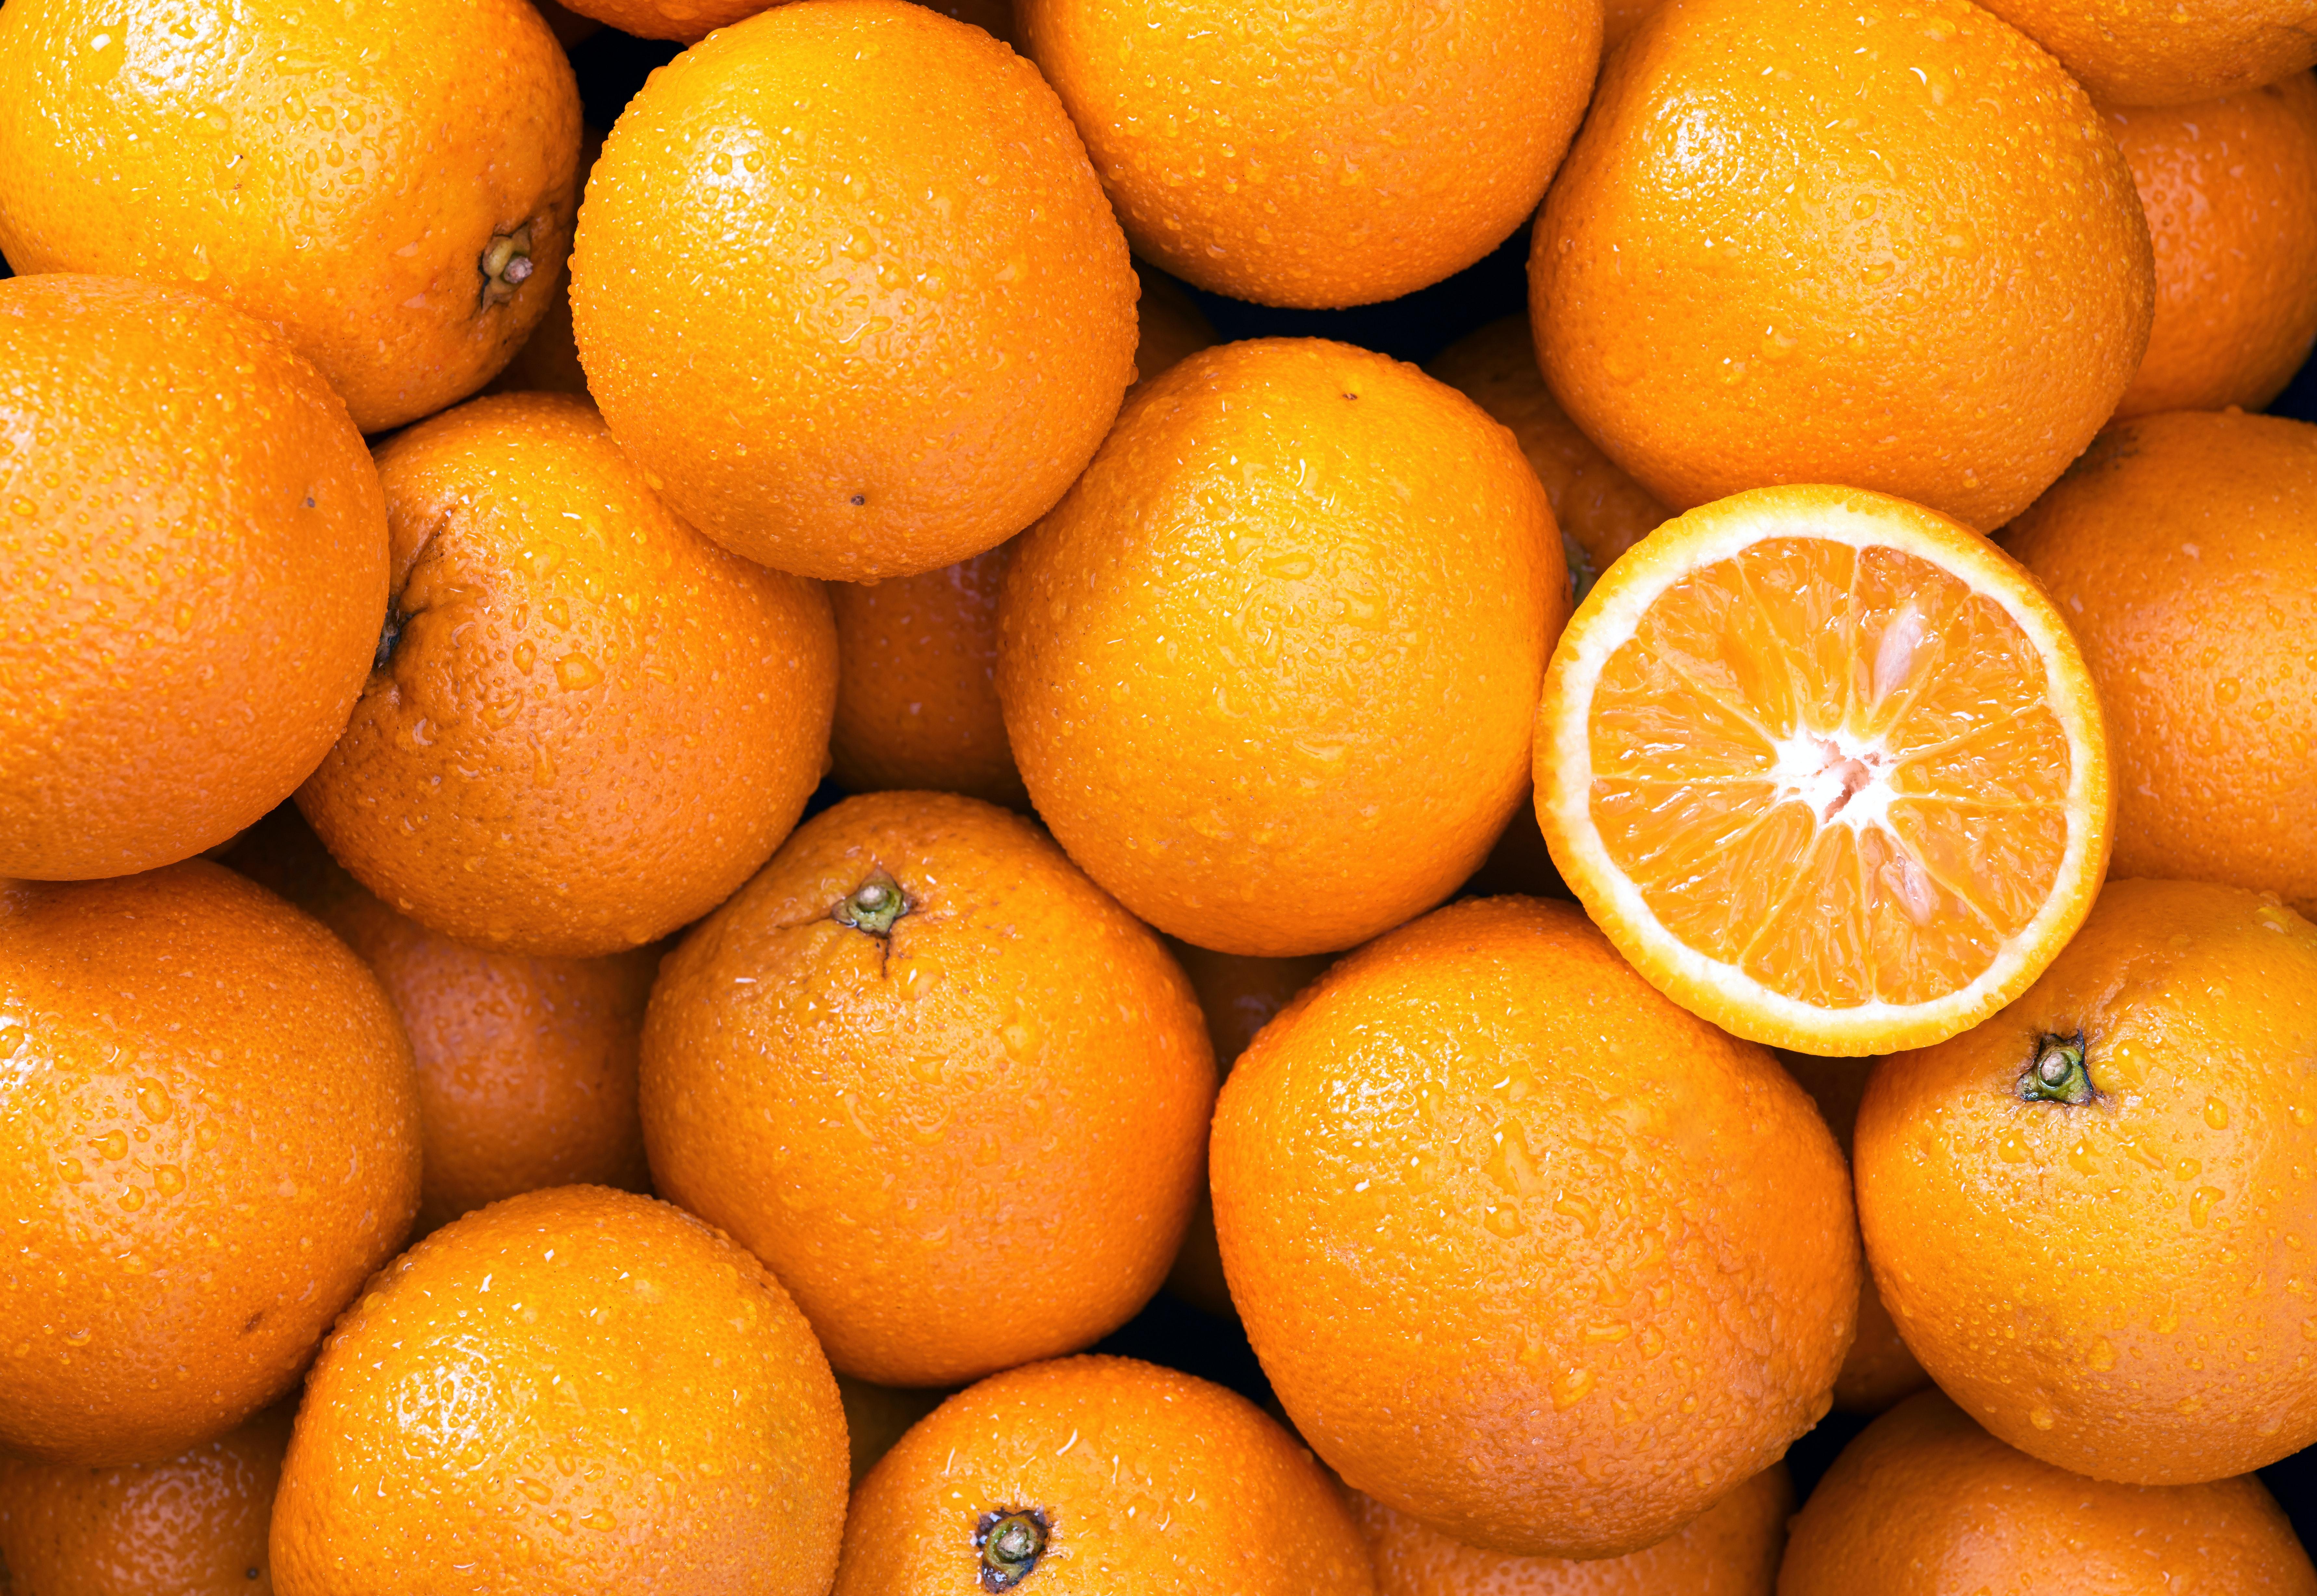 hur mycket väger en apelsin